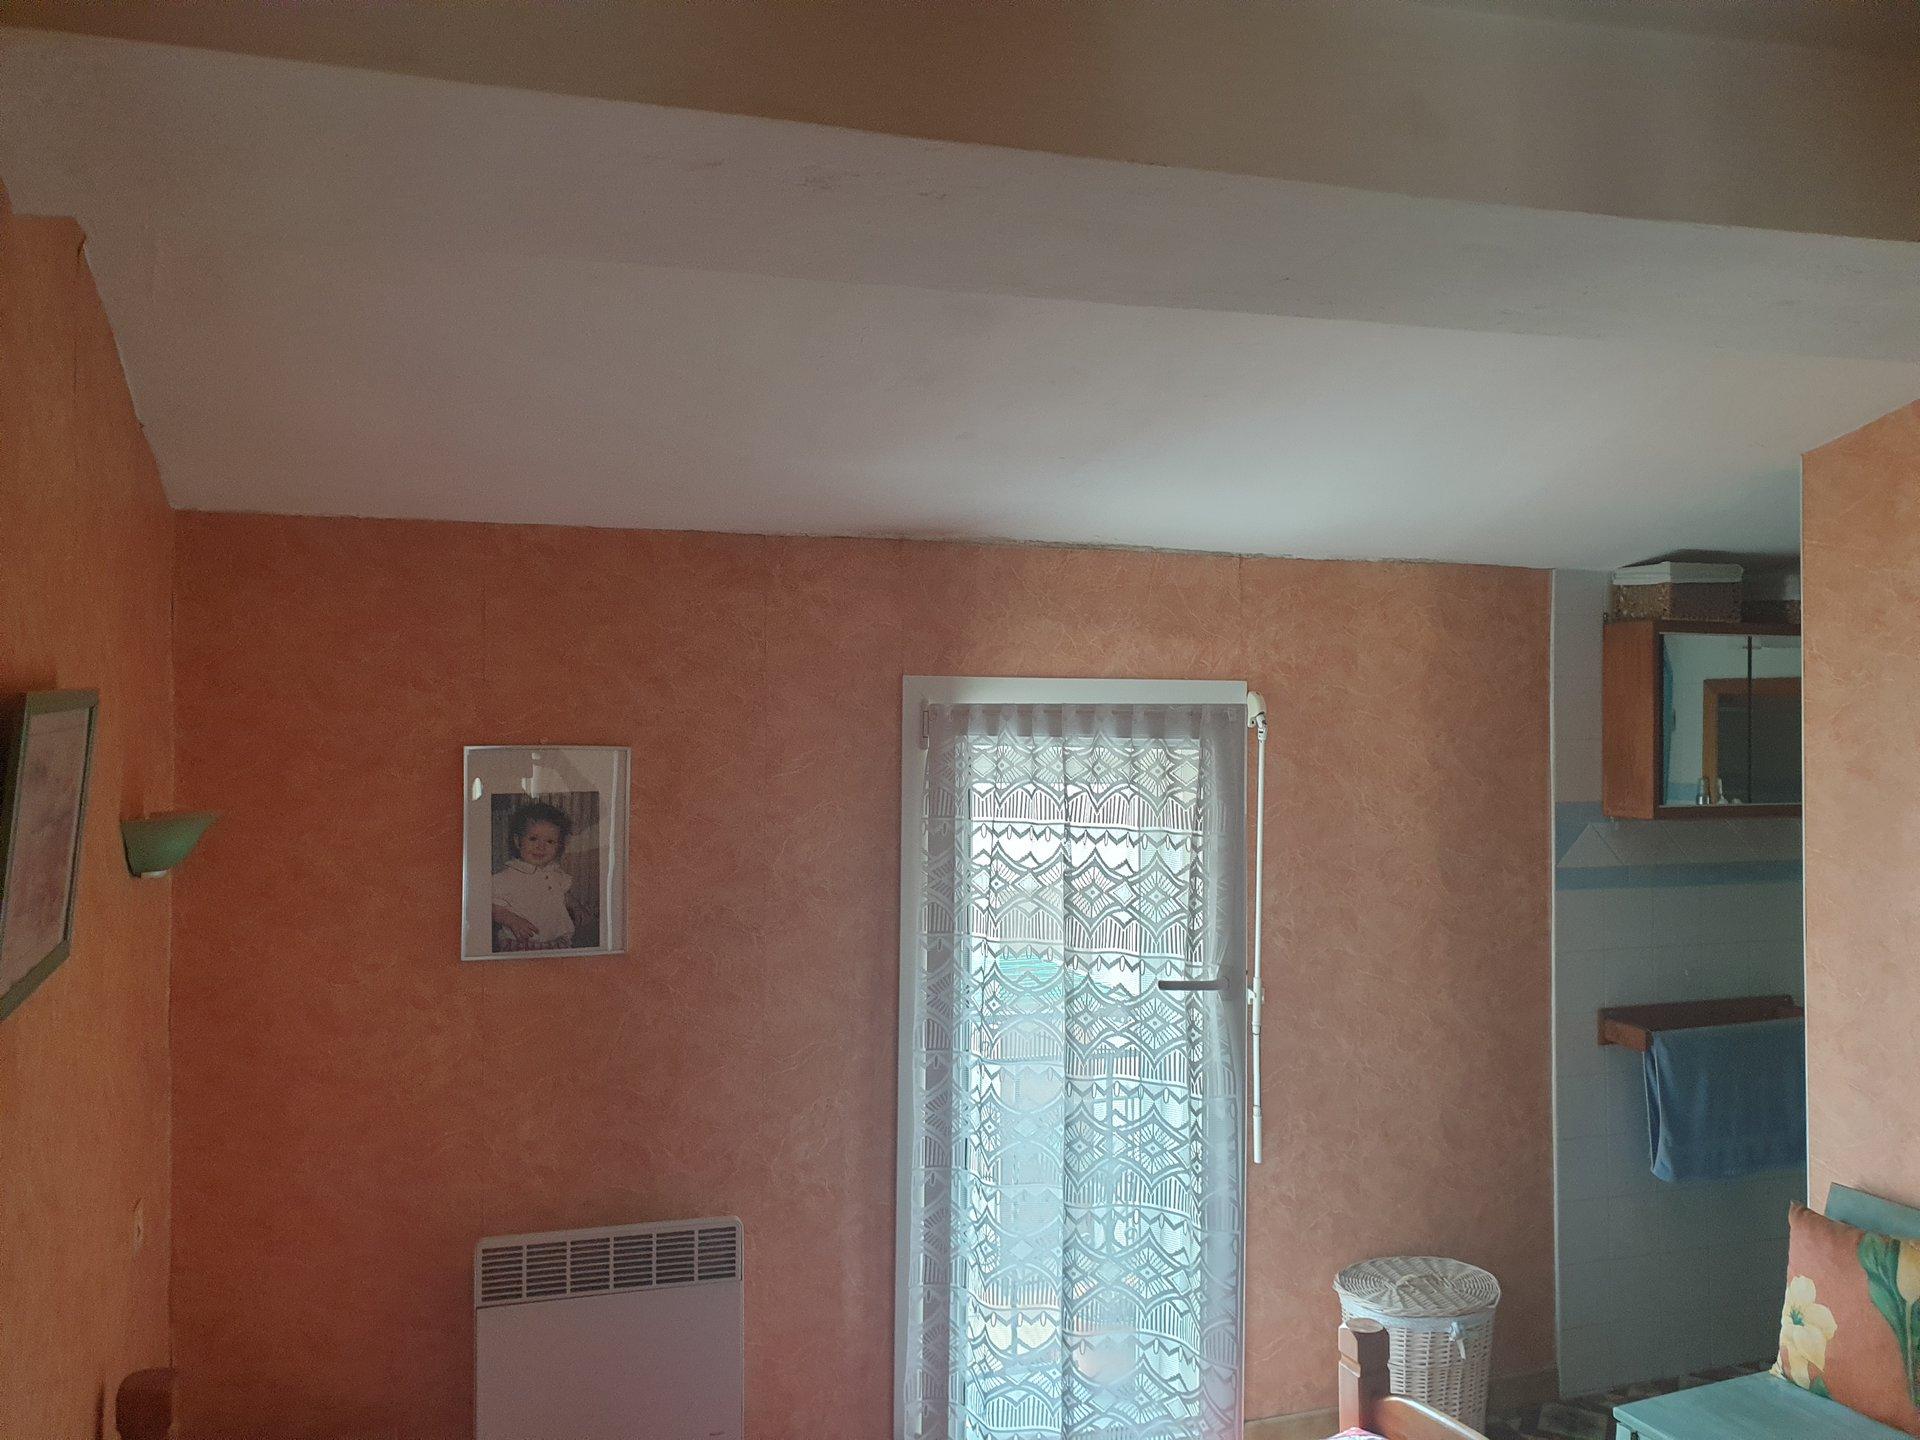 PIA maison de village r+1 t3 en 2 faces double vitrage